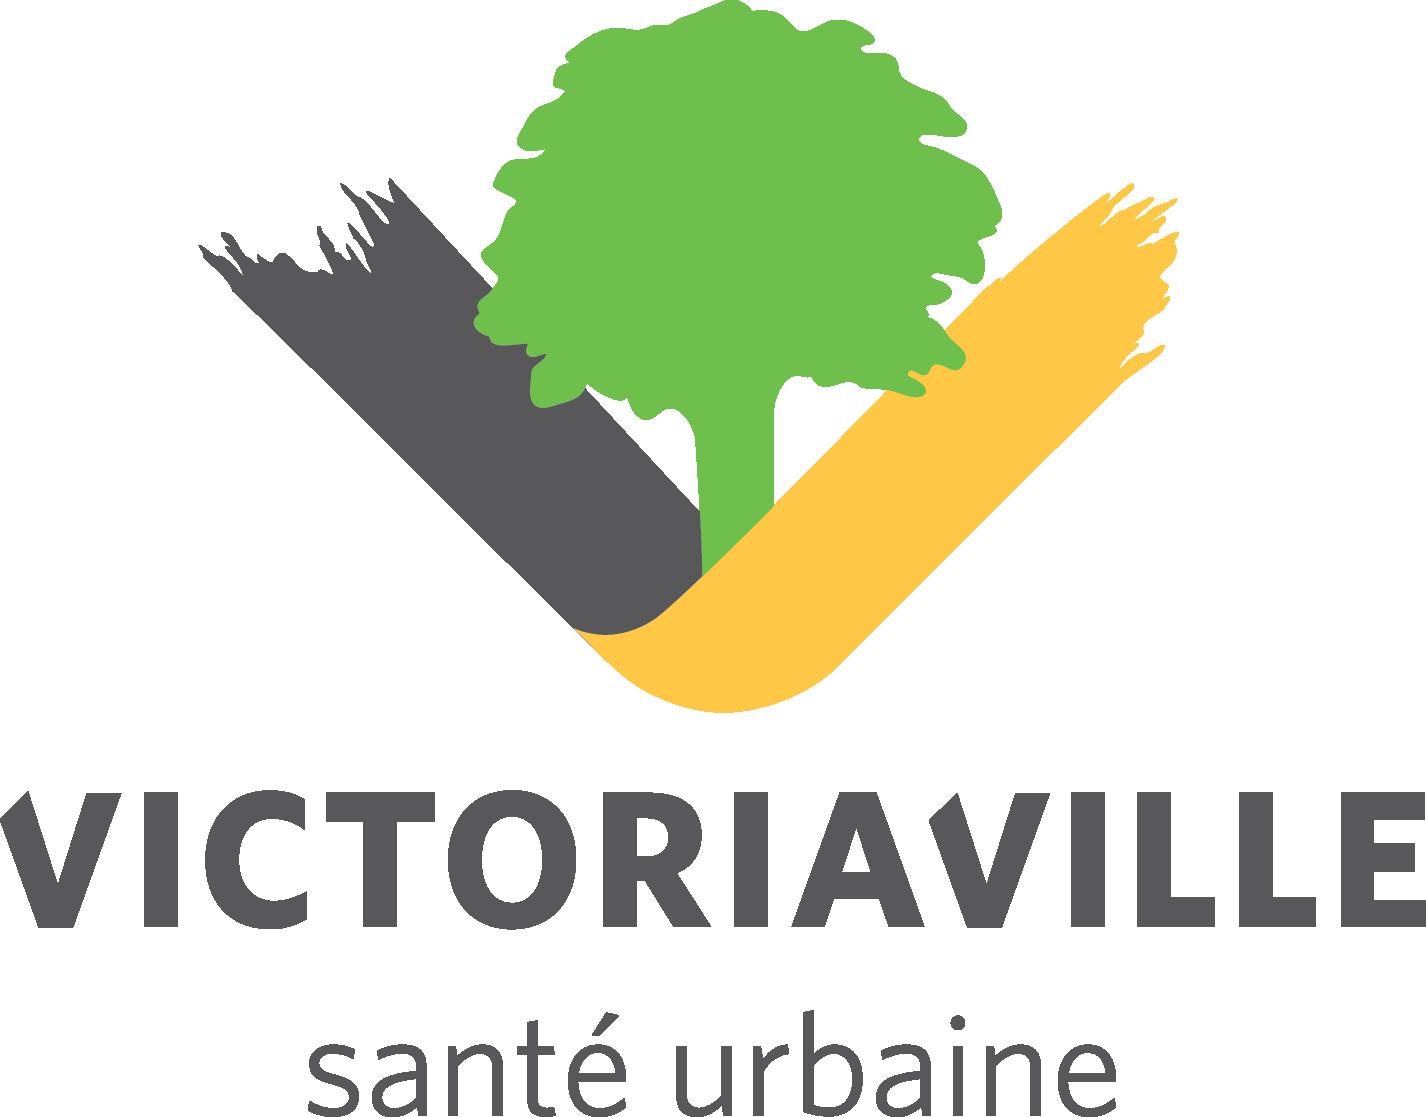 Site de rencontre victoriaville